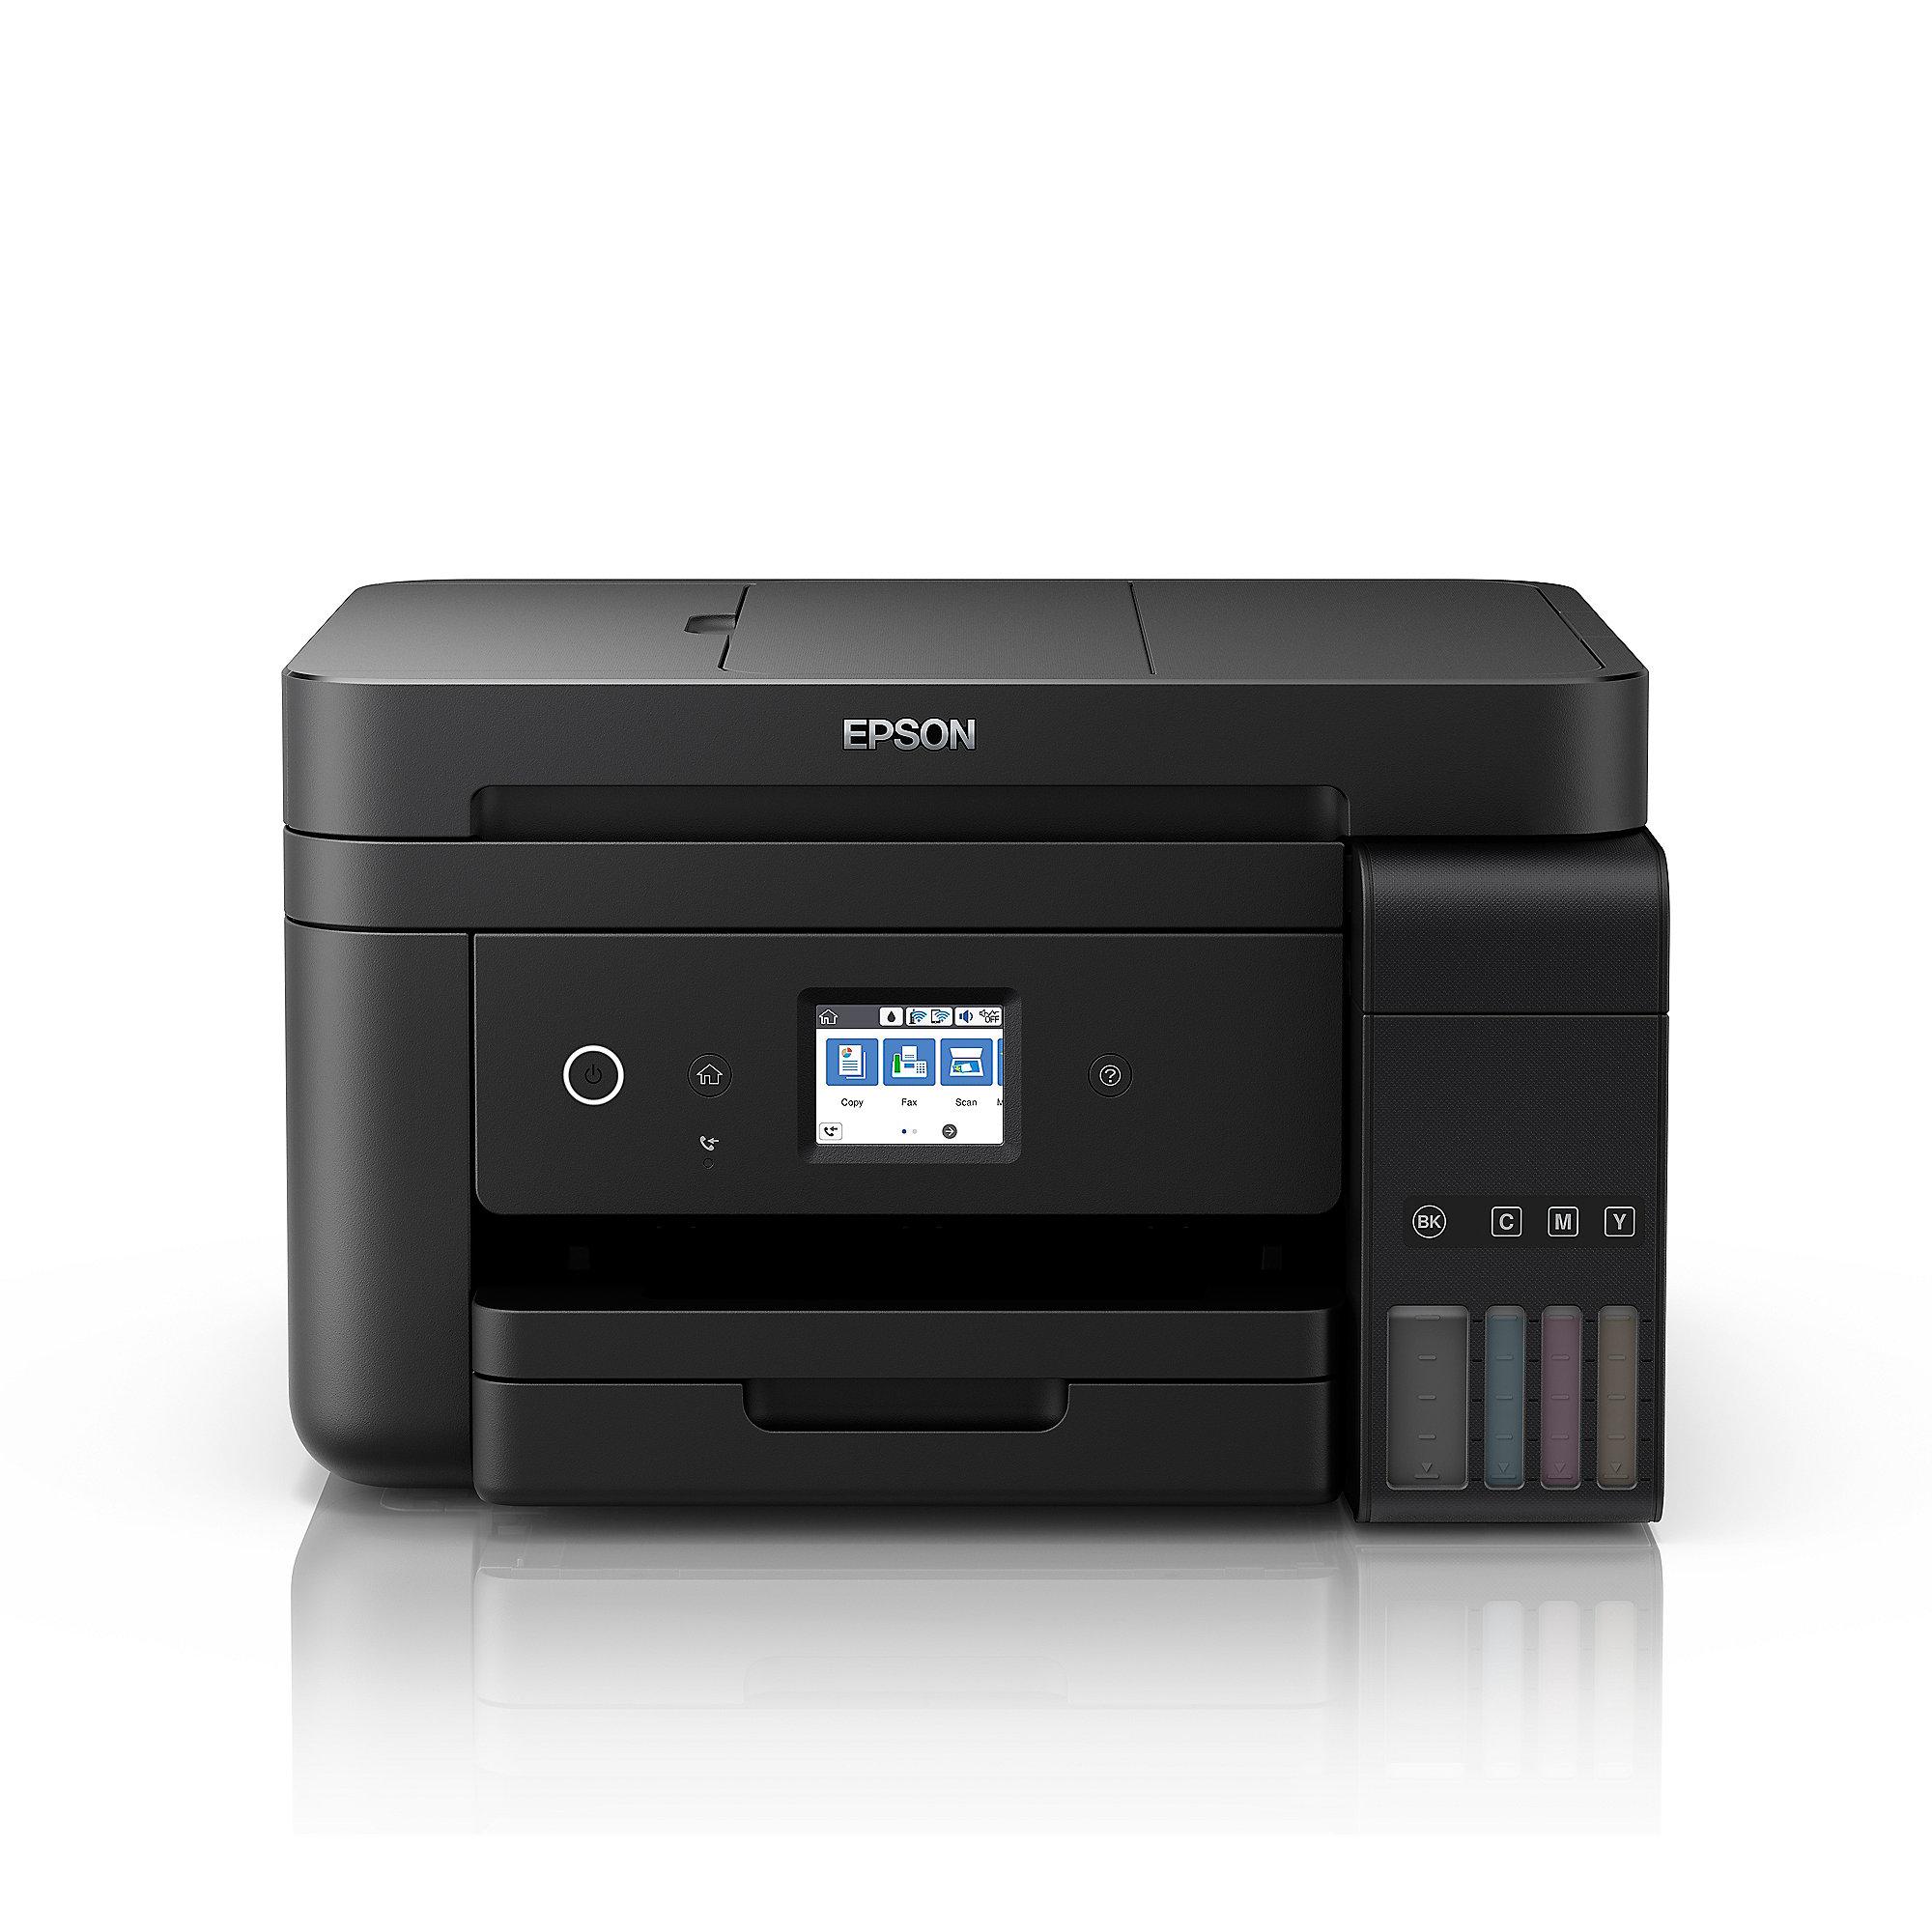 epson ecotank et 4750 drucker scanner kopierer fax wlan 3 jahre garantie cyberport. Black Bedroom Furniture Sets. Home Design Ideas